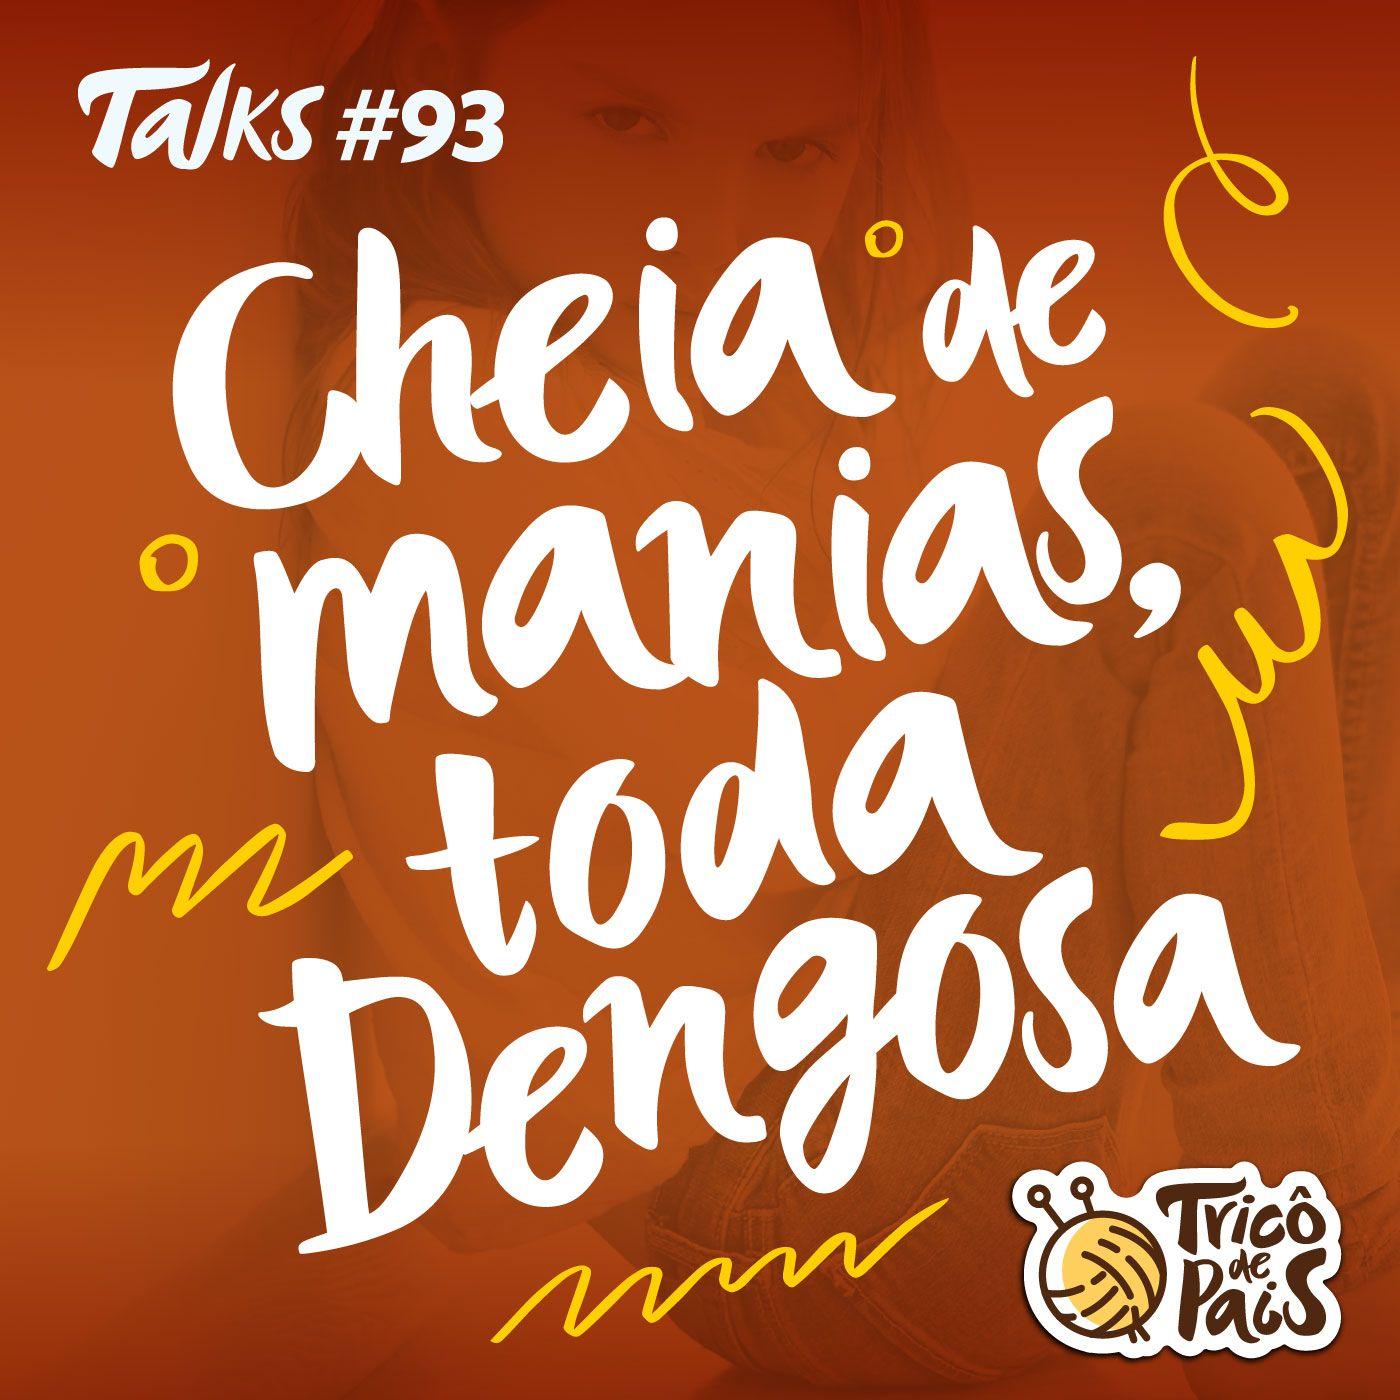 Tricô Talks 093 - Cheia de Manias, Toda Dengosa